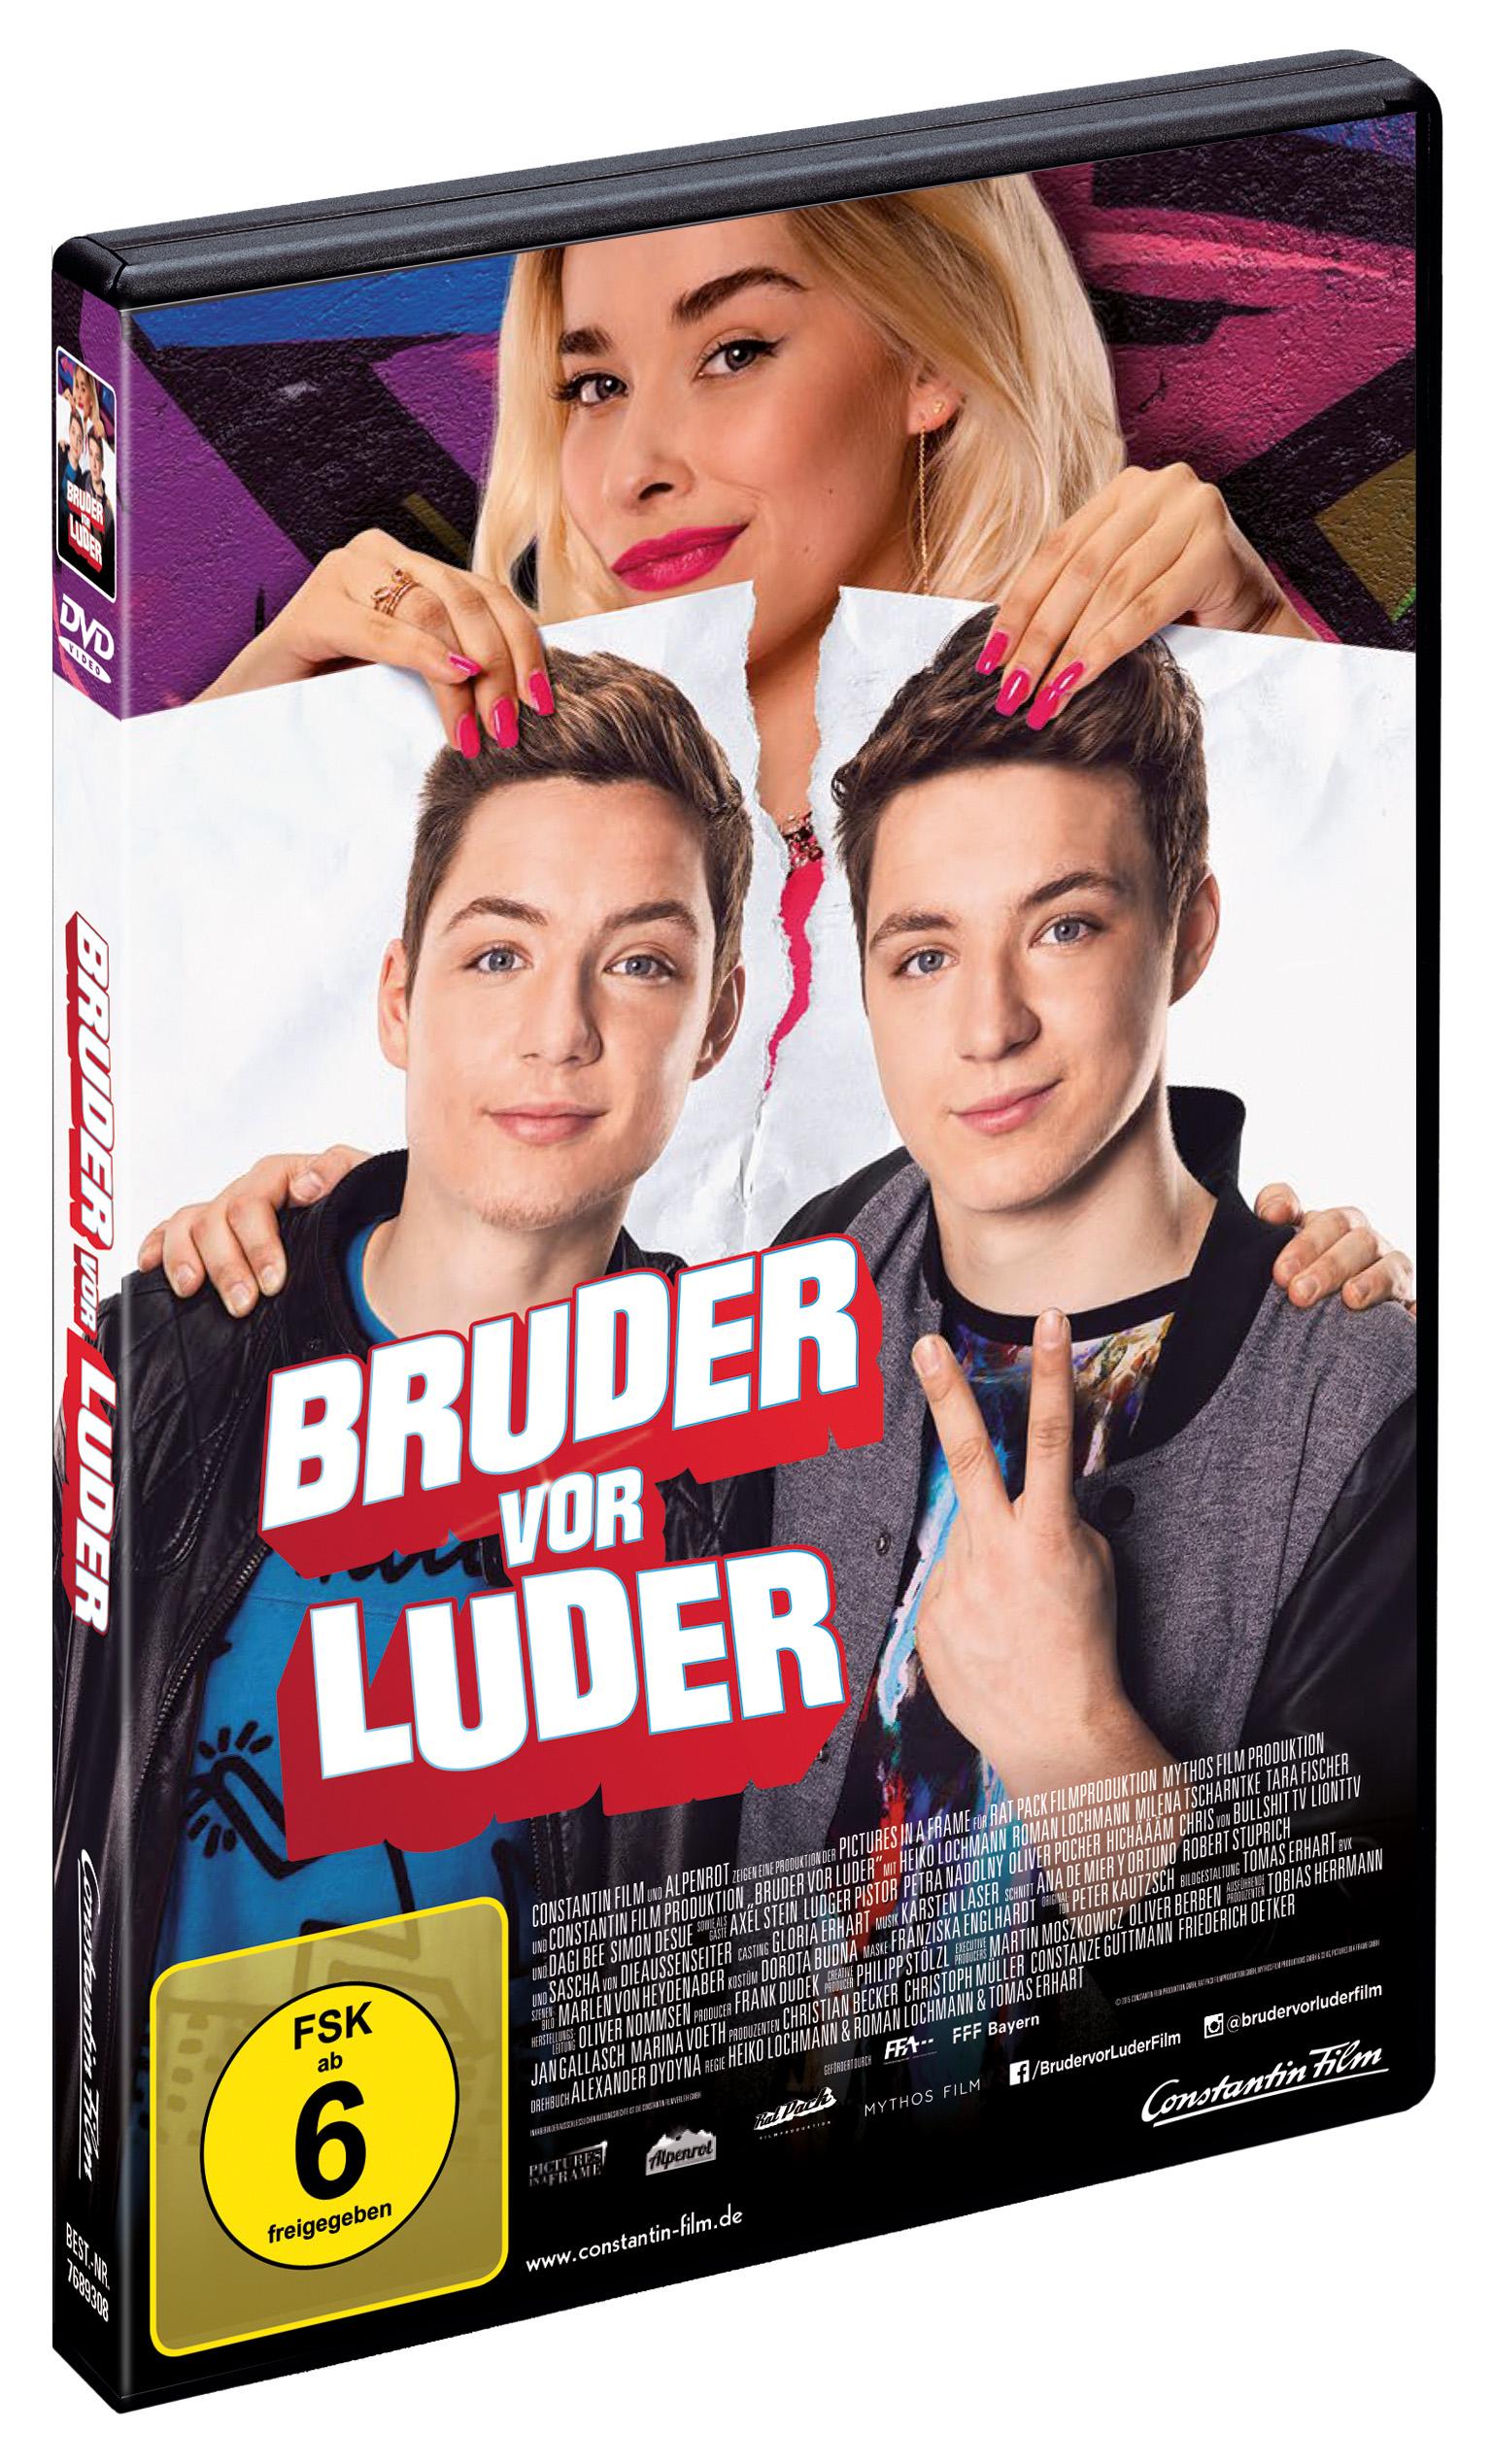 Bruder Vor Lude Ganzer Film Anschauen